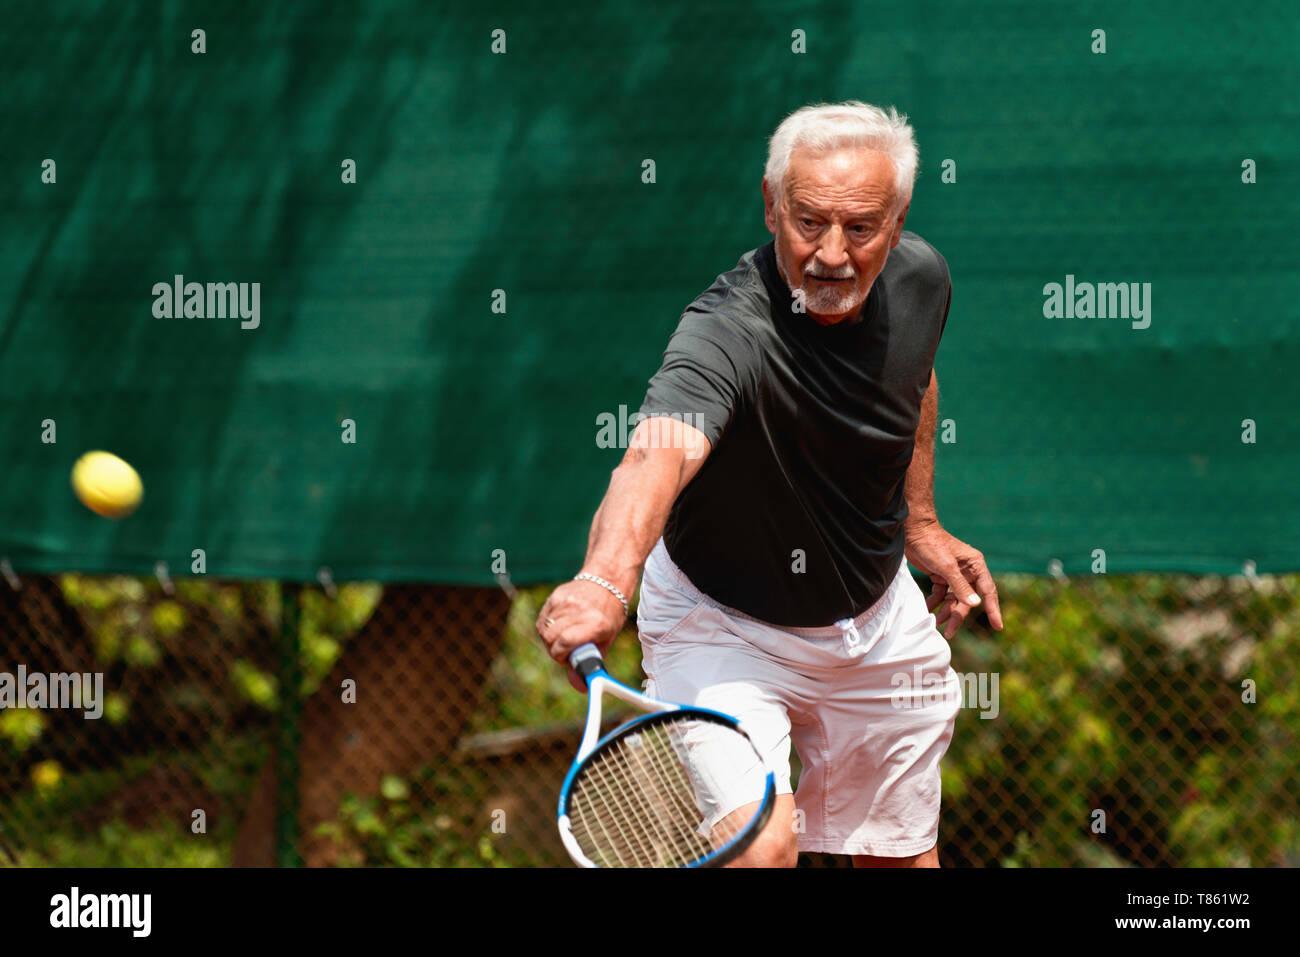 Active senior man playing tennis - Stock Image